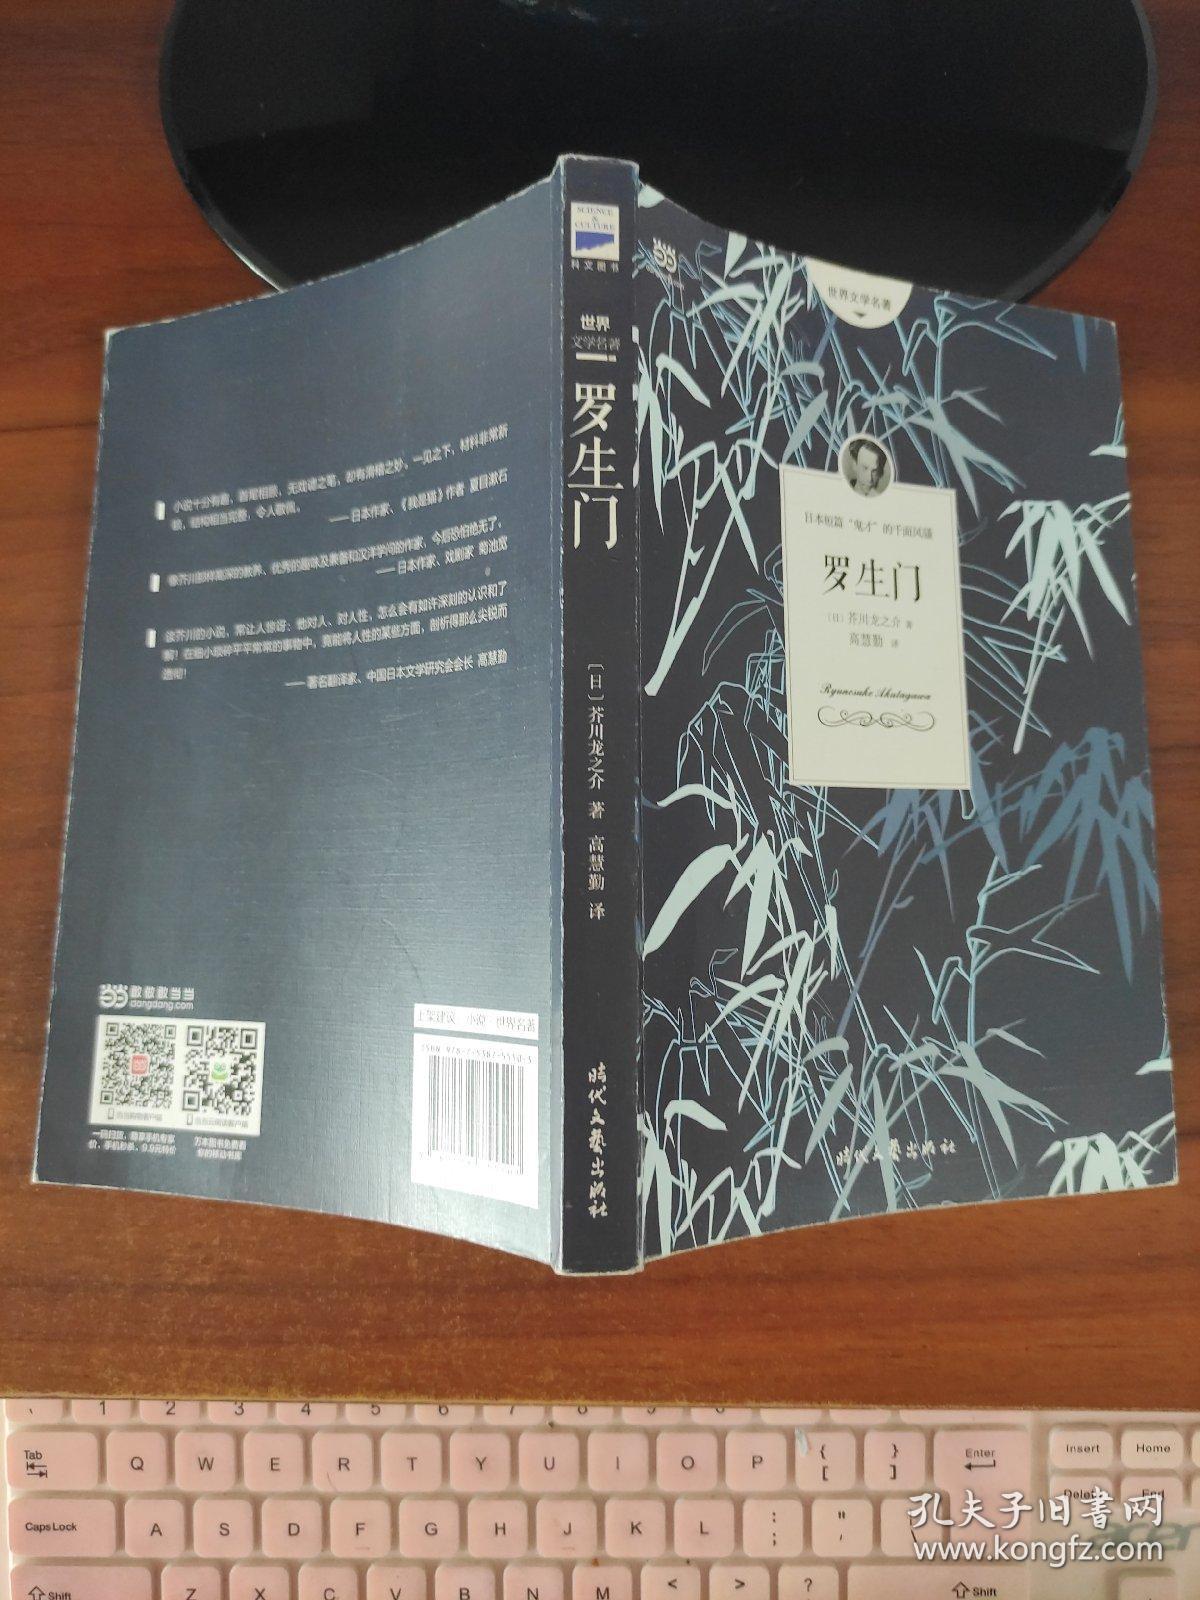 罗生门(芥川龙之介小说集)《人间失格》作者太宰治是芥川的头号书迷。